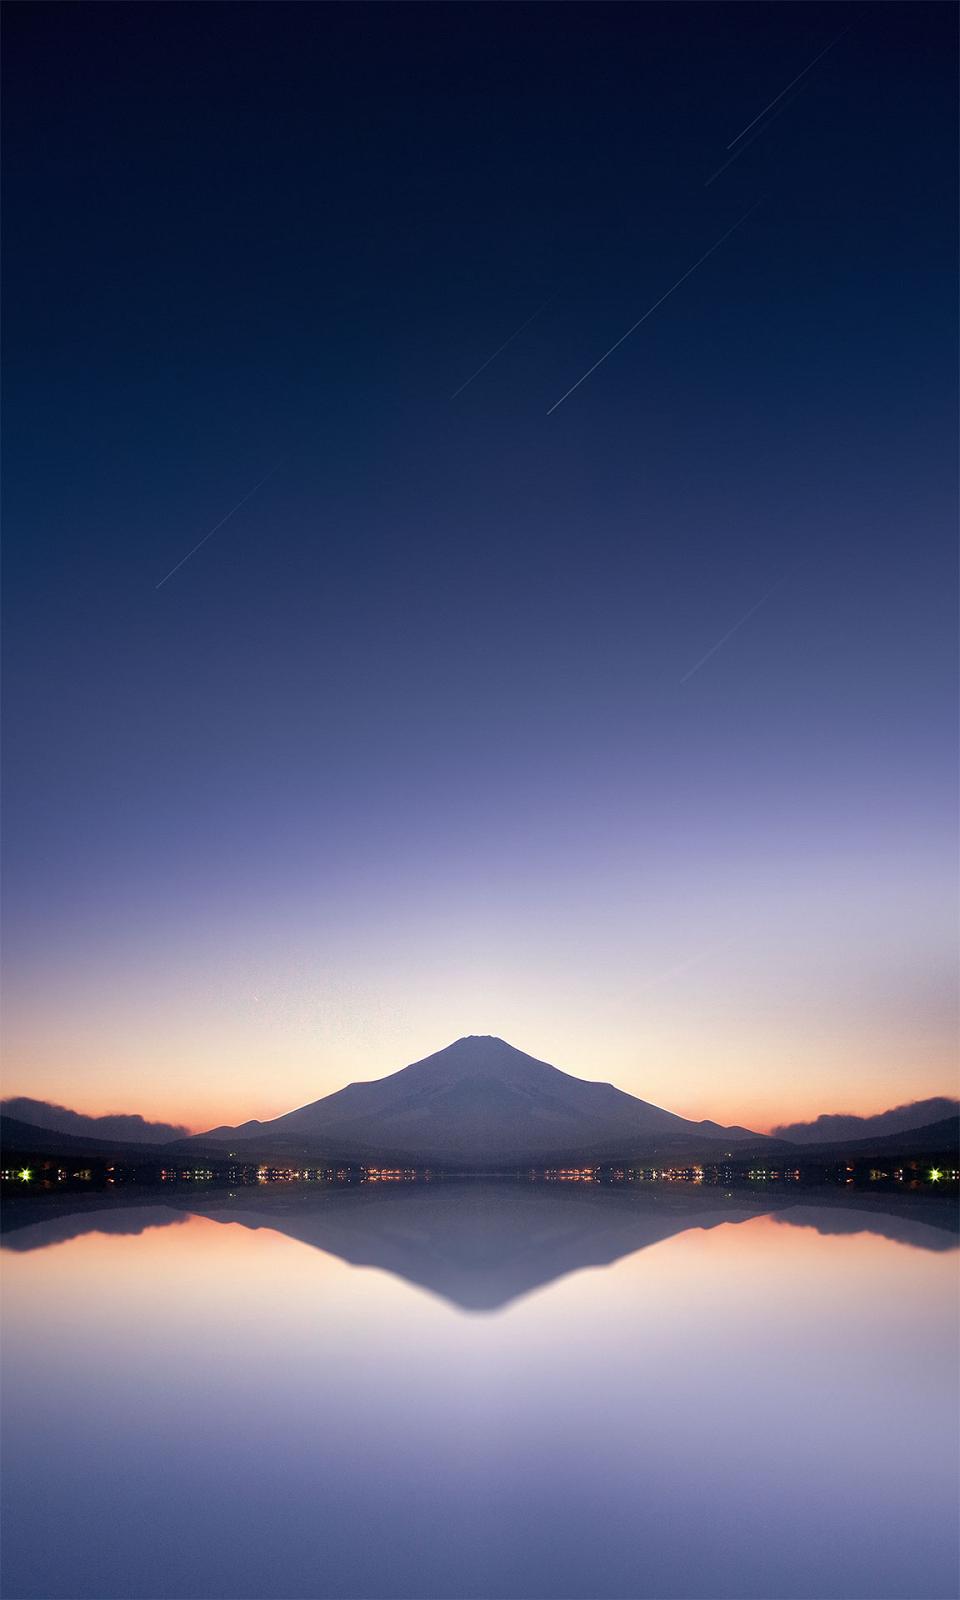 Meizu MX4 Stock Wallpapers | Xiaomi Smartphones Wallpapers